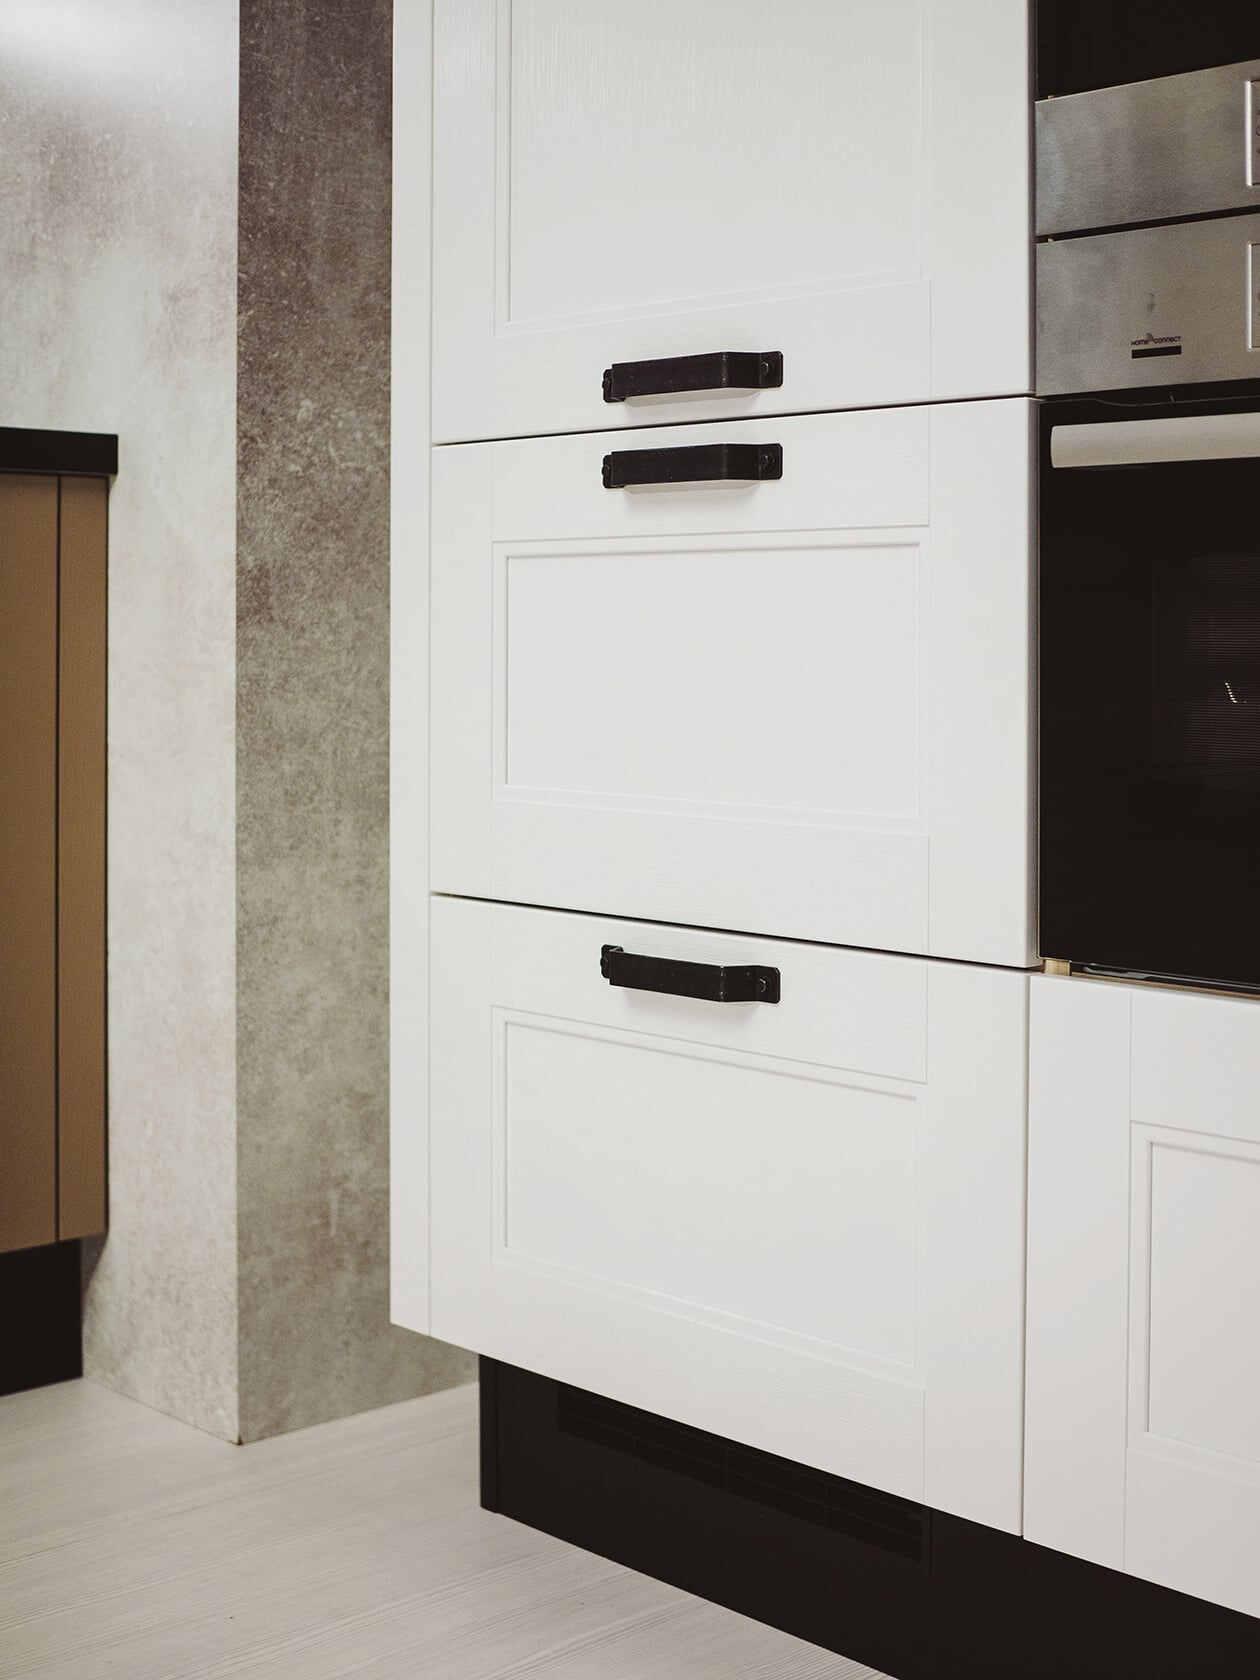 Кухня Делия Casa (Максима new) 3